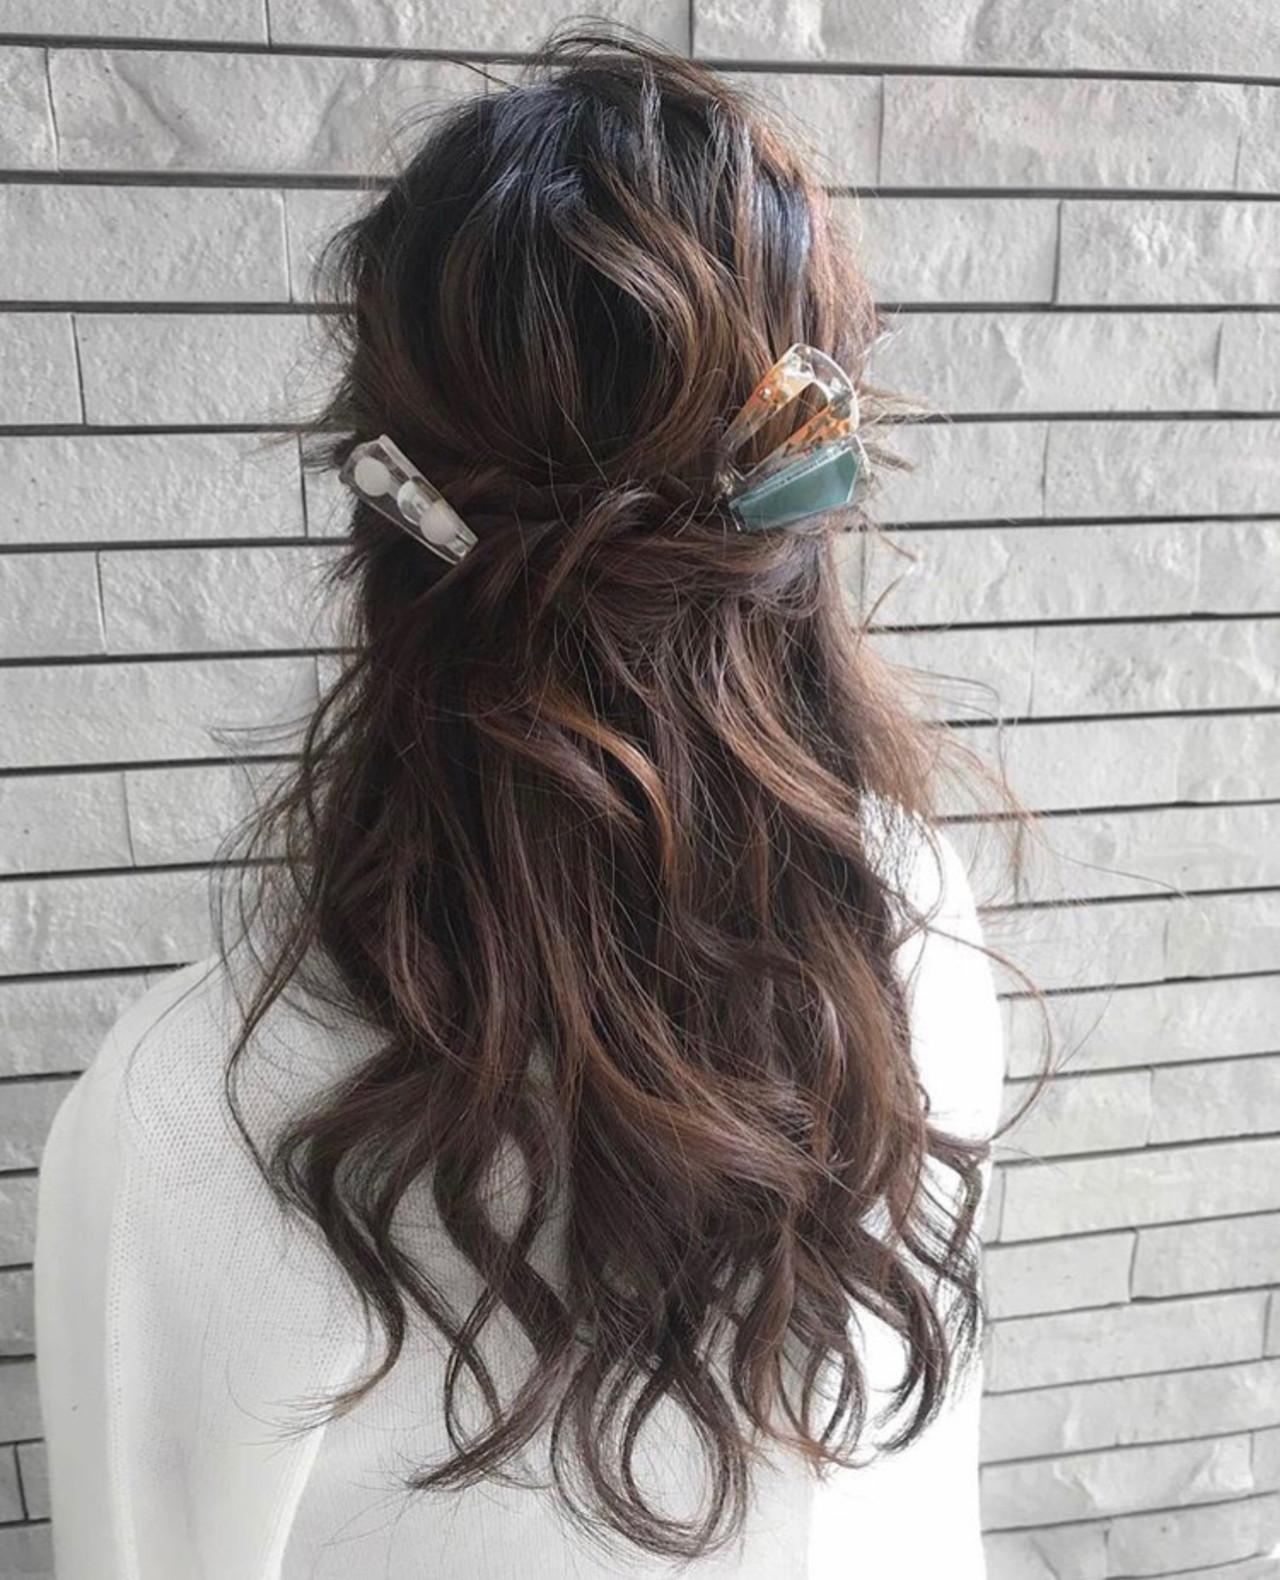 結婚式 簡単ヘアアレンジ 成人式 ナチュラル ヘアスタイルや髪型の写真・画像 | 三木 奨太 / hair set salon  IRIS